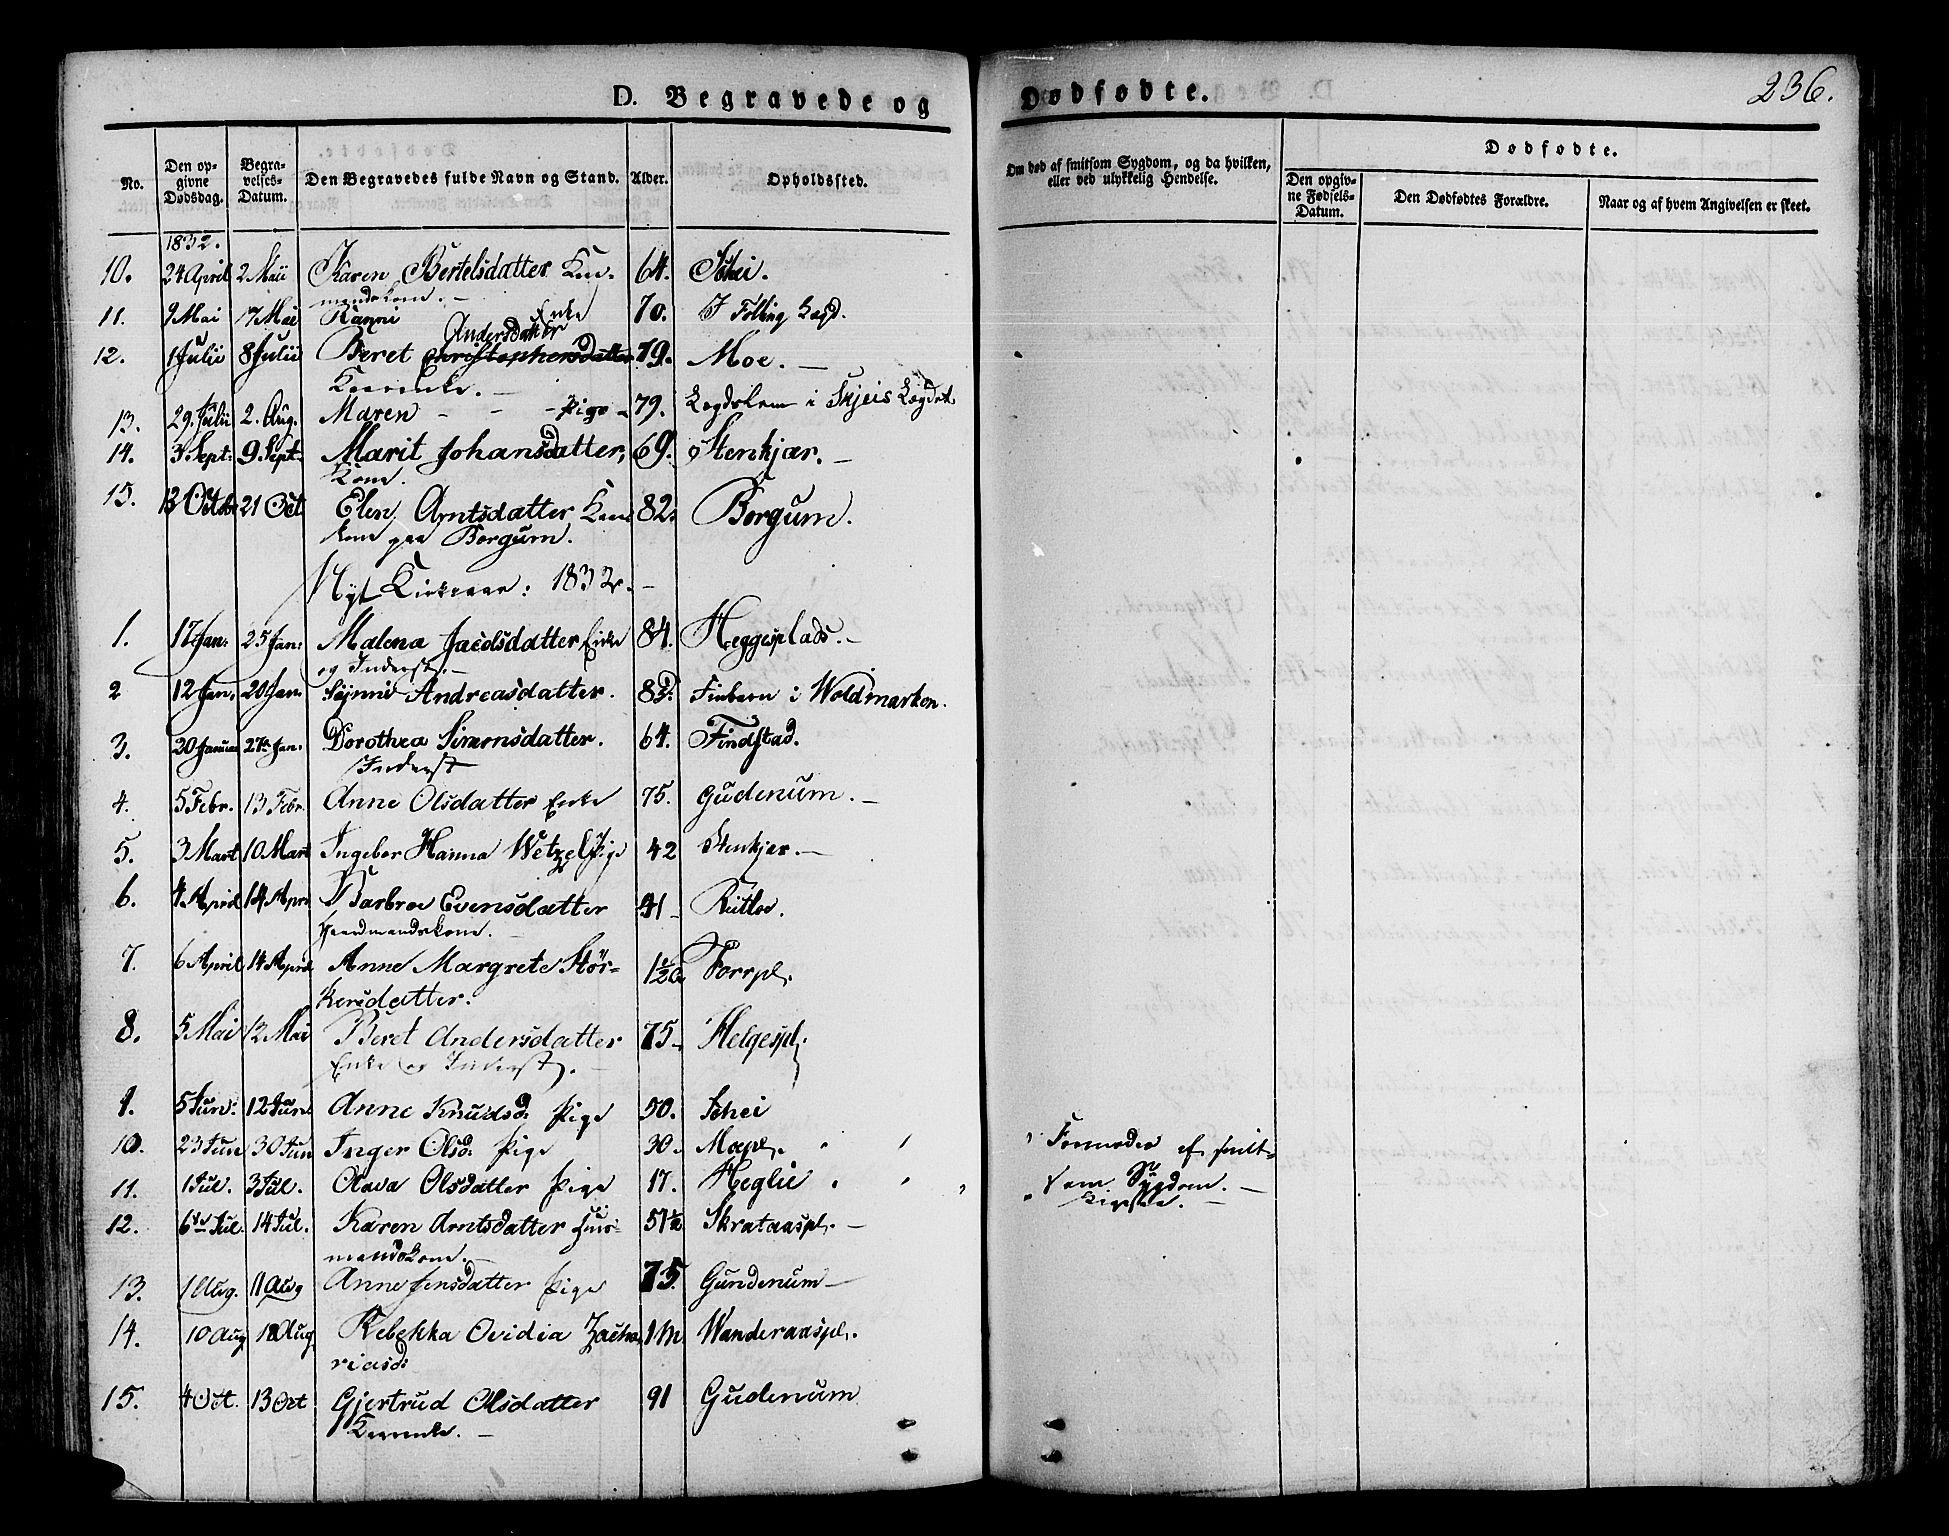 SAT, Ministerialprotokoller, klokkerbøker og fødselsregistre - Nord-Trøndelag, 746/L0445: Ministerialbok nr. 746A04, 1826-1846, s. 236